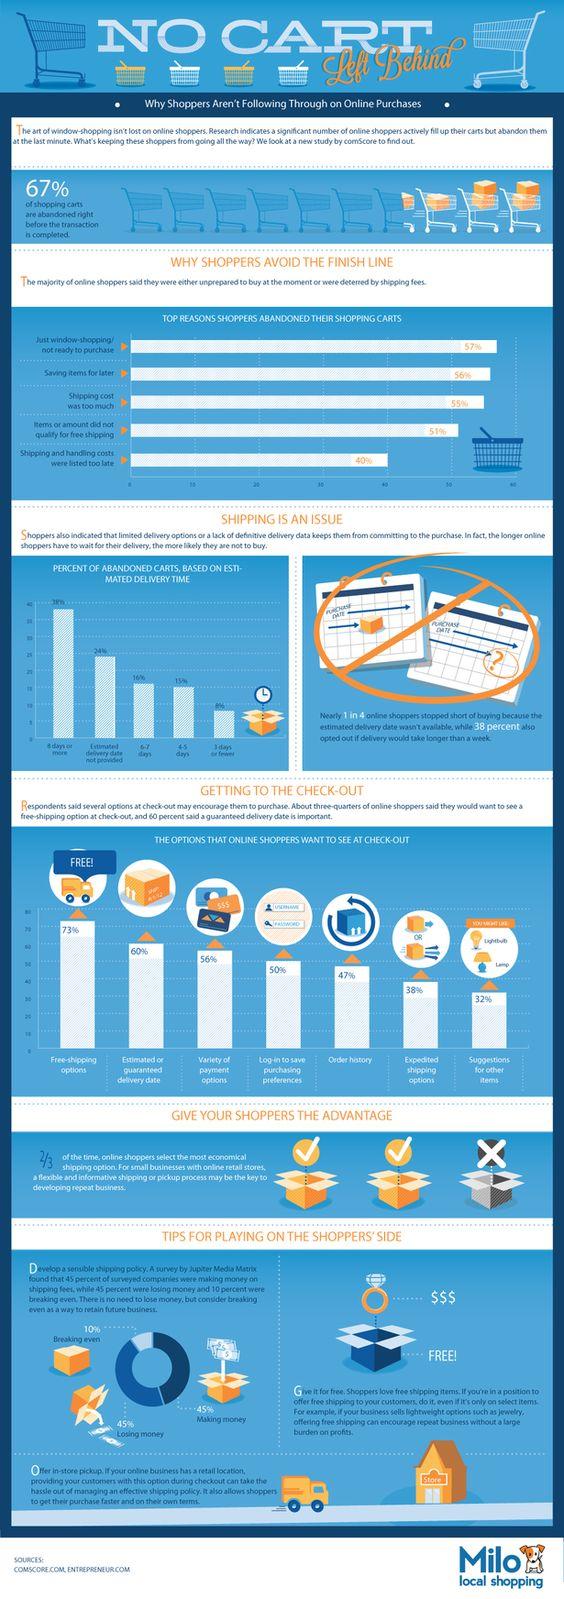 El 55% de los compradores abandonan el carrito por los gastos de envío #infografía